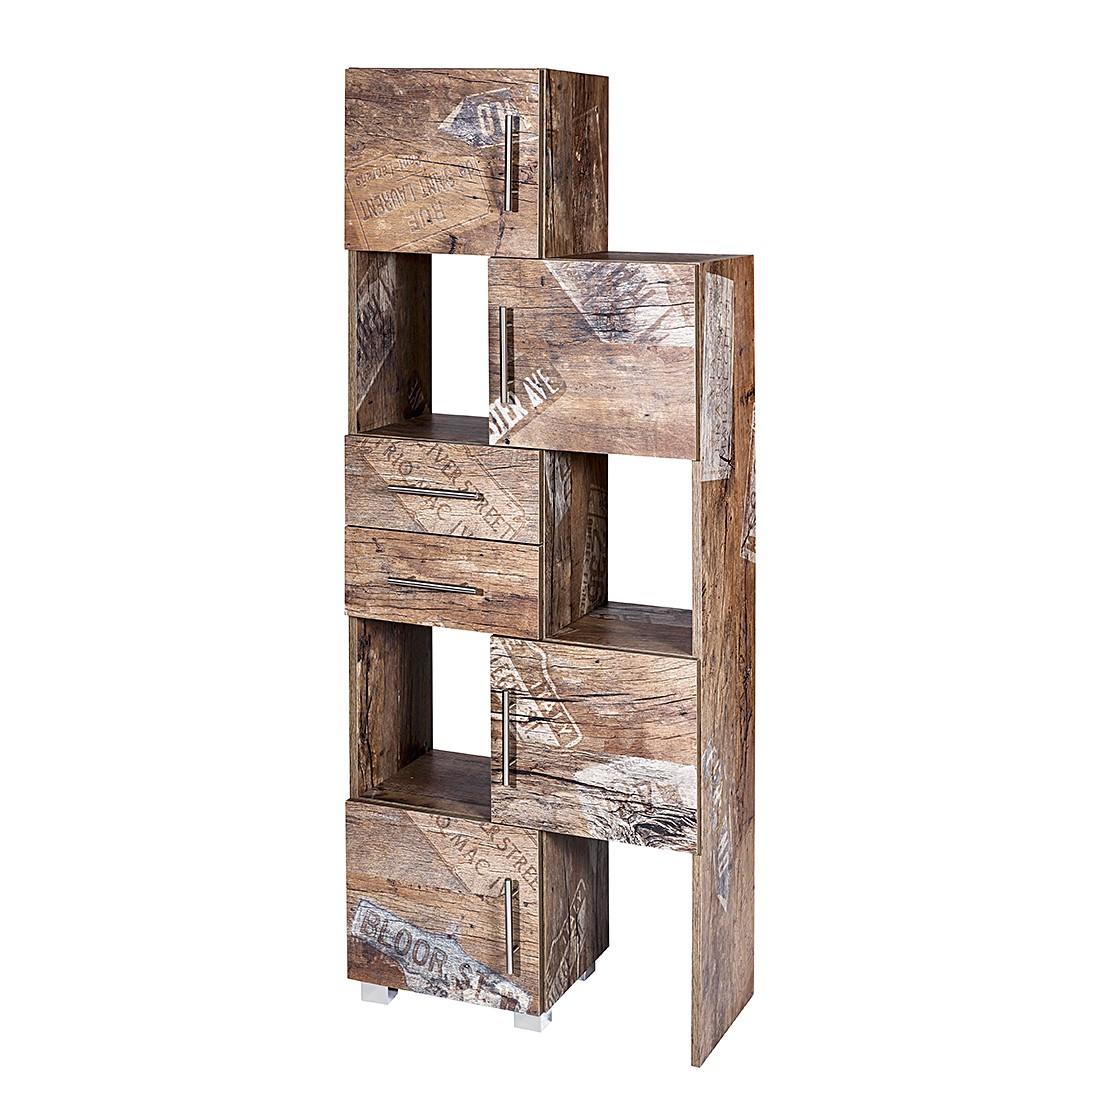 Mobile scomponibile Smilla III - Effetto legno di quercia Panama, Schildmeyer